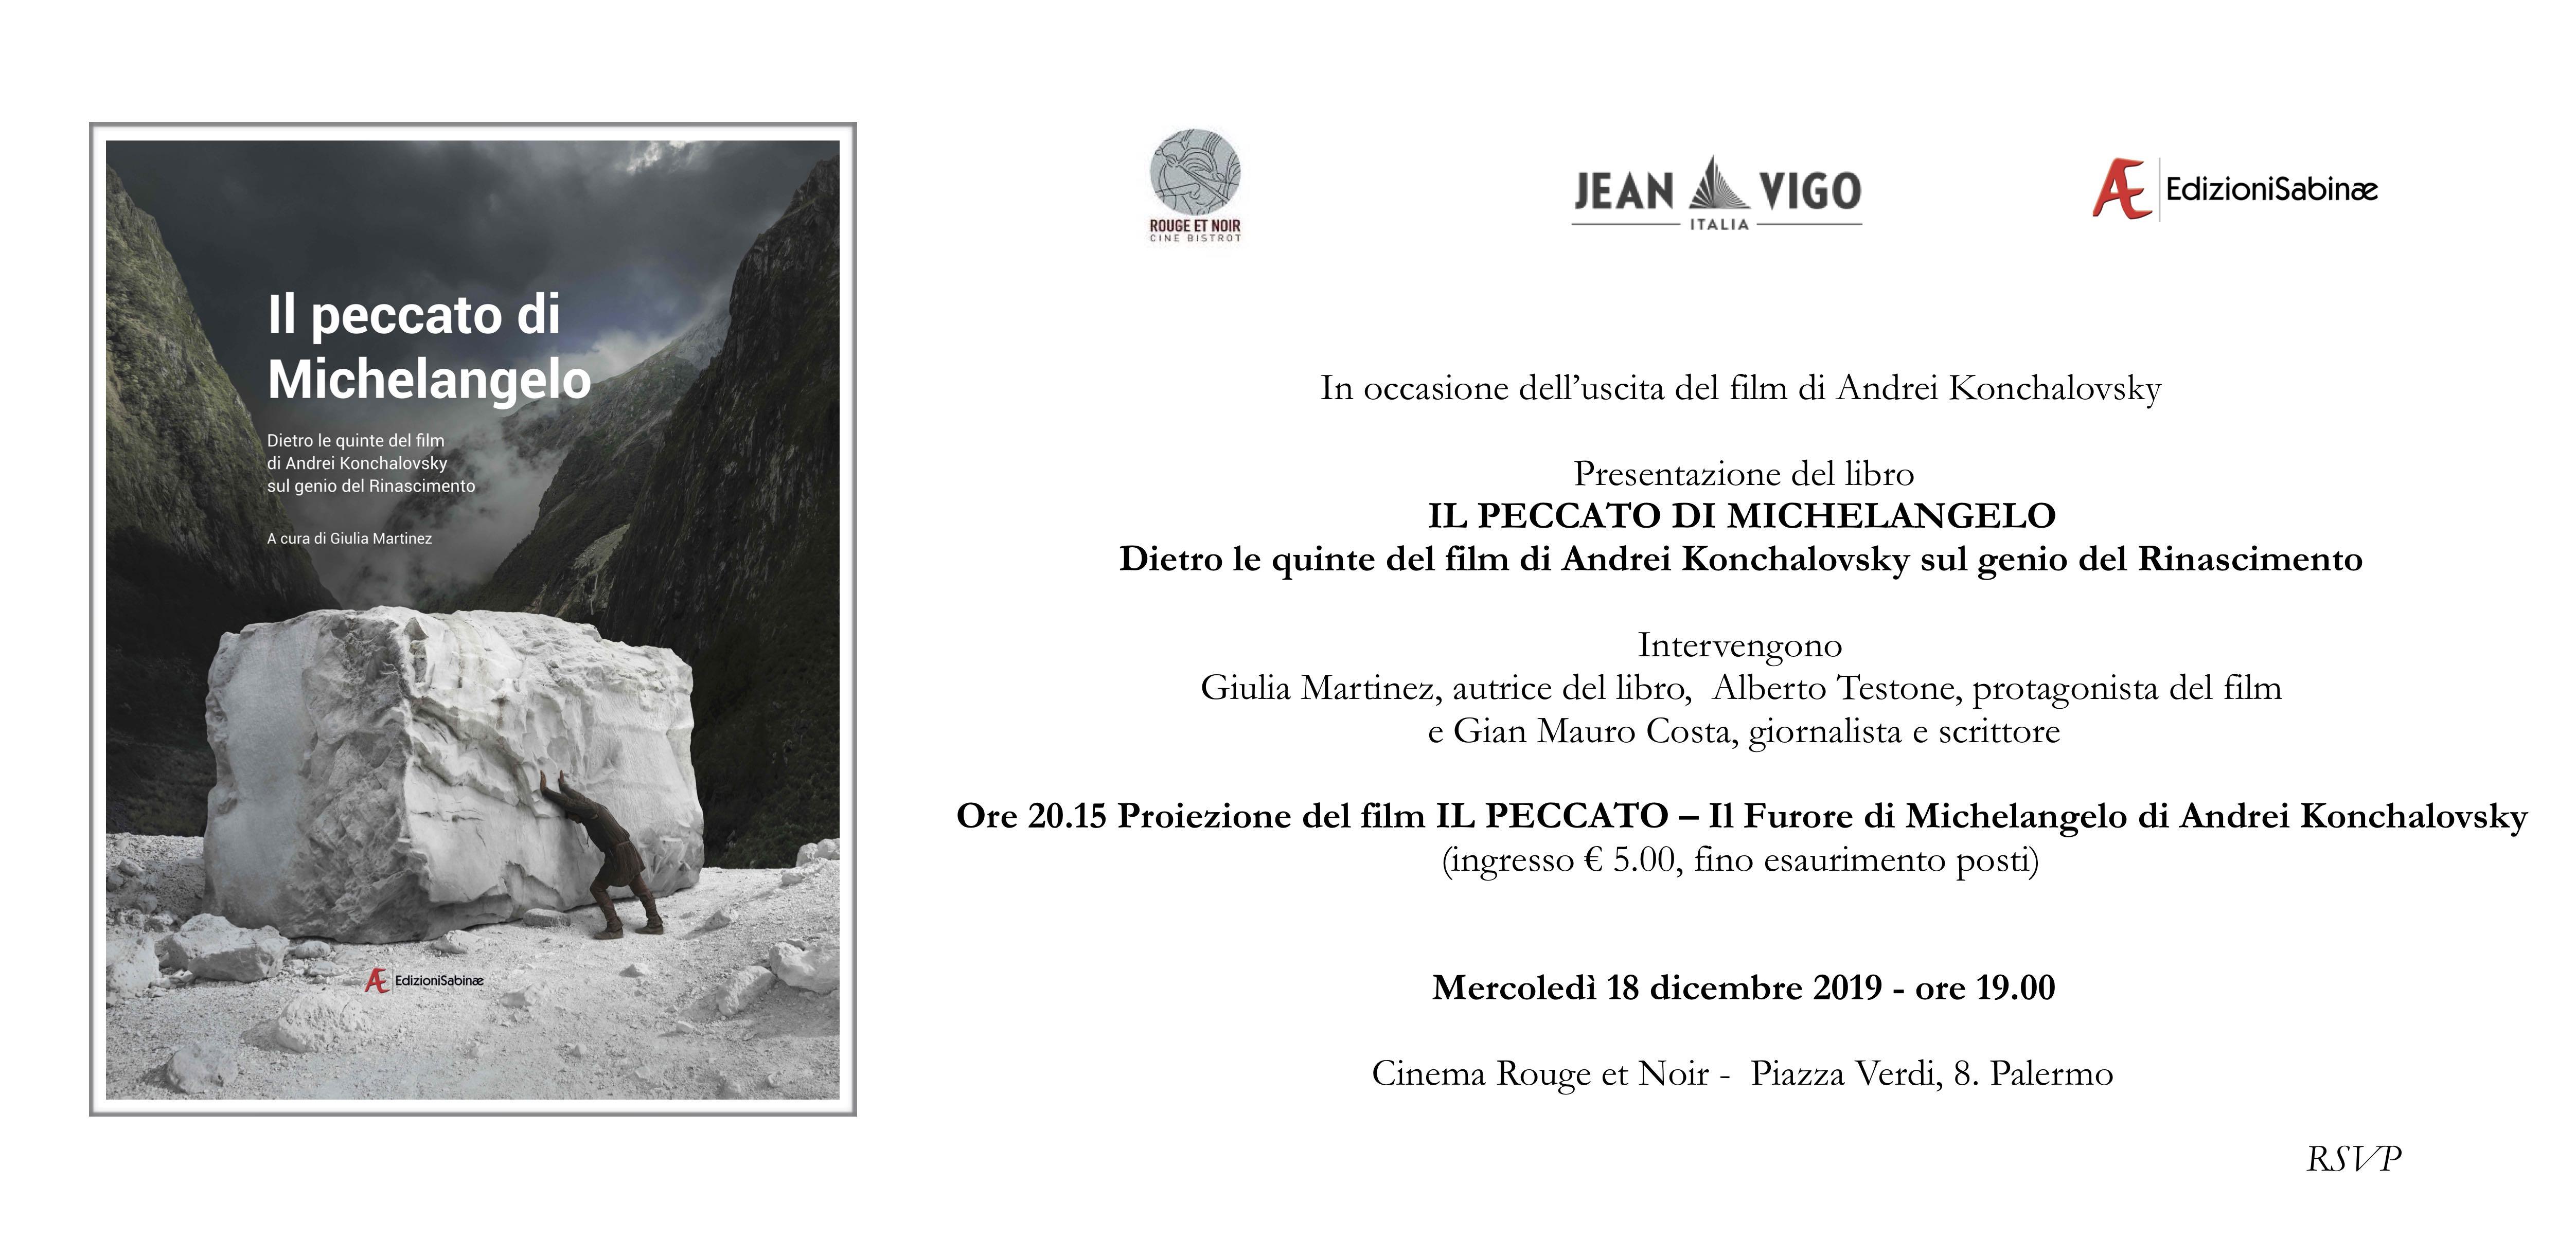 invito-18-dicembre-2019